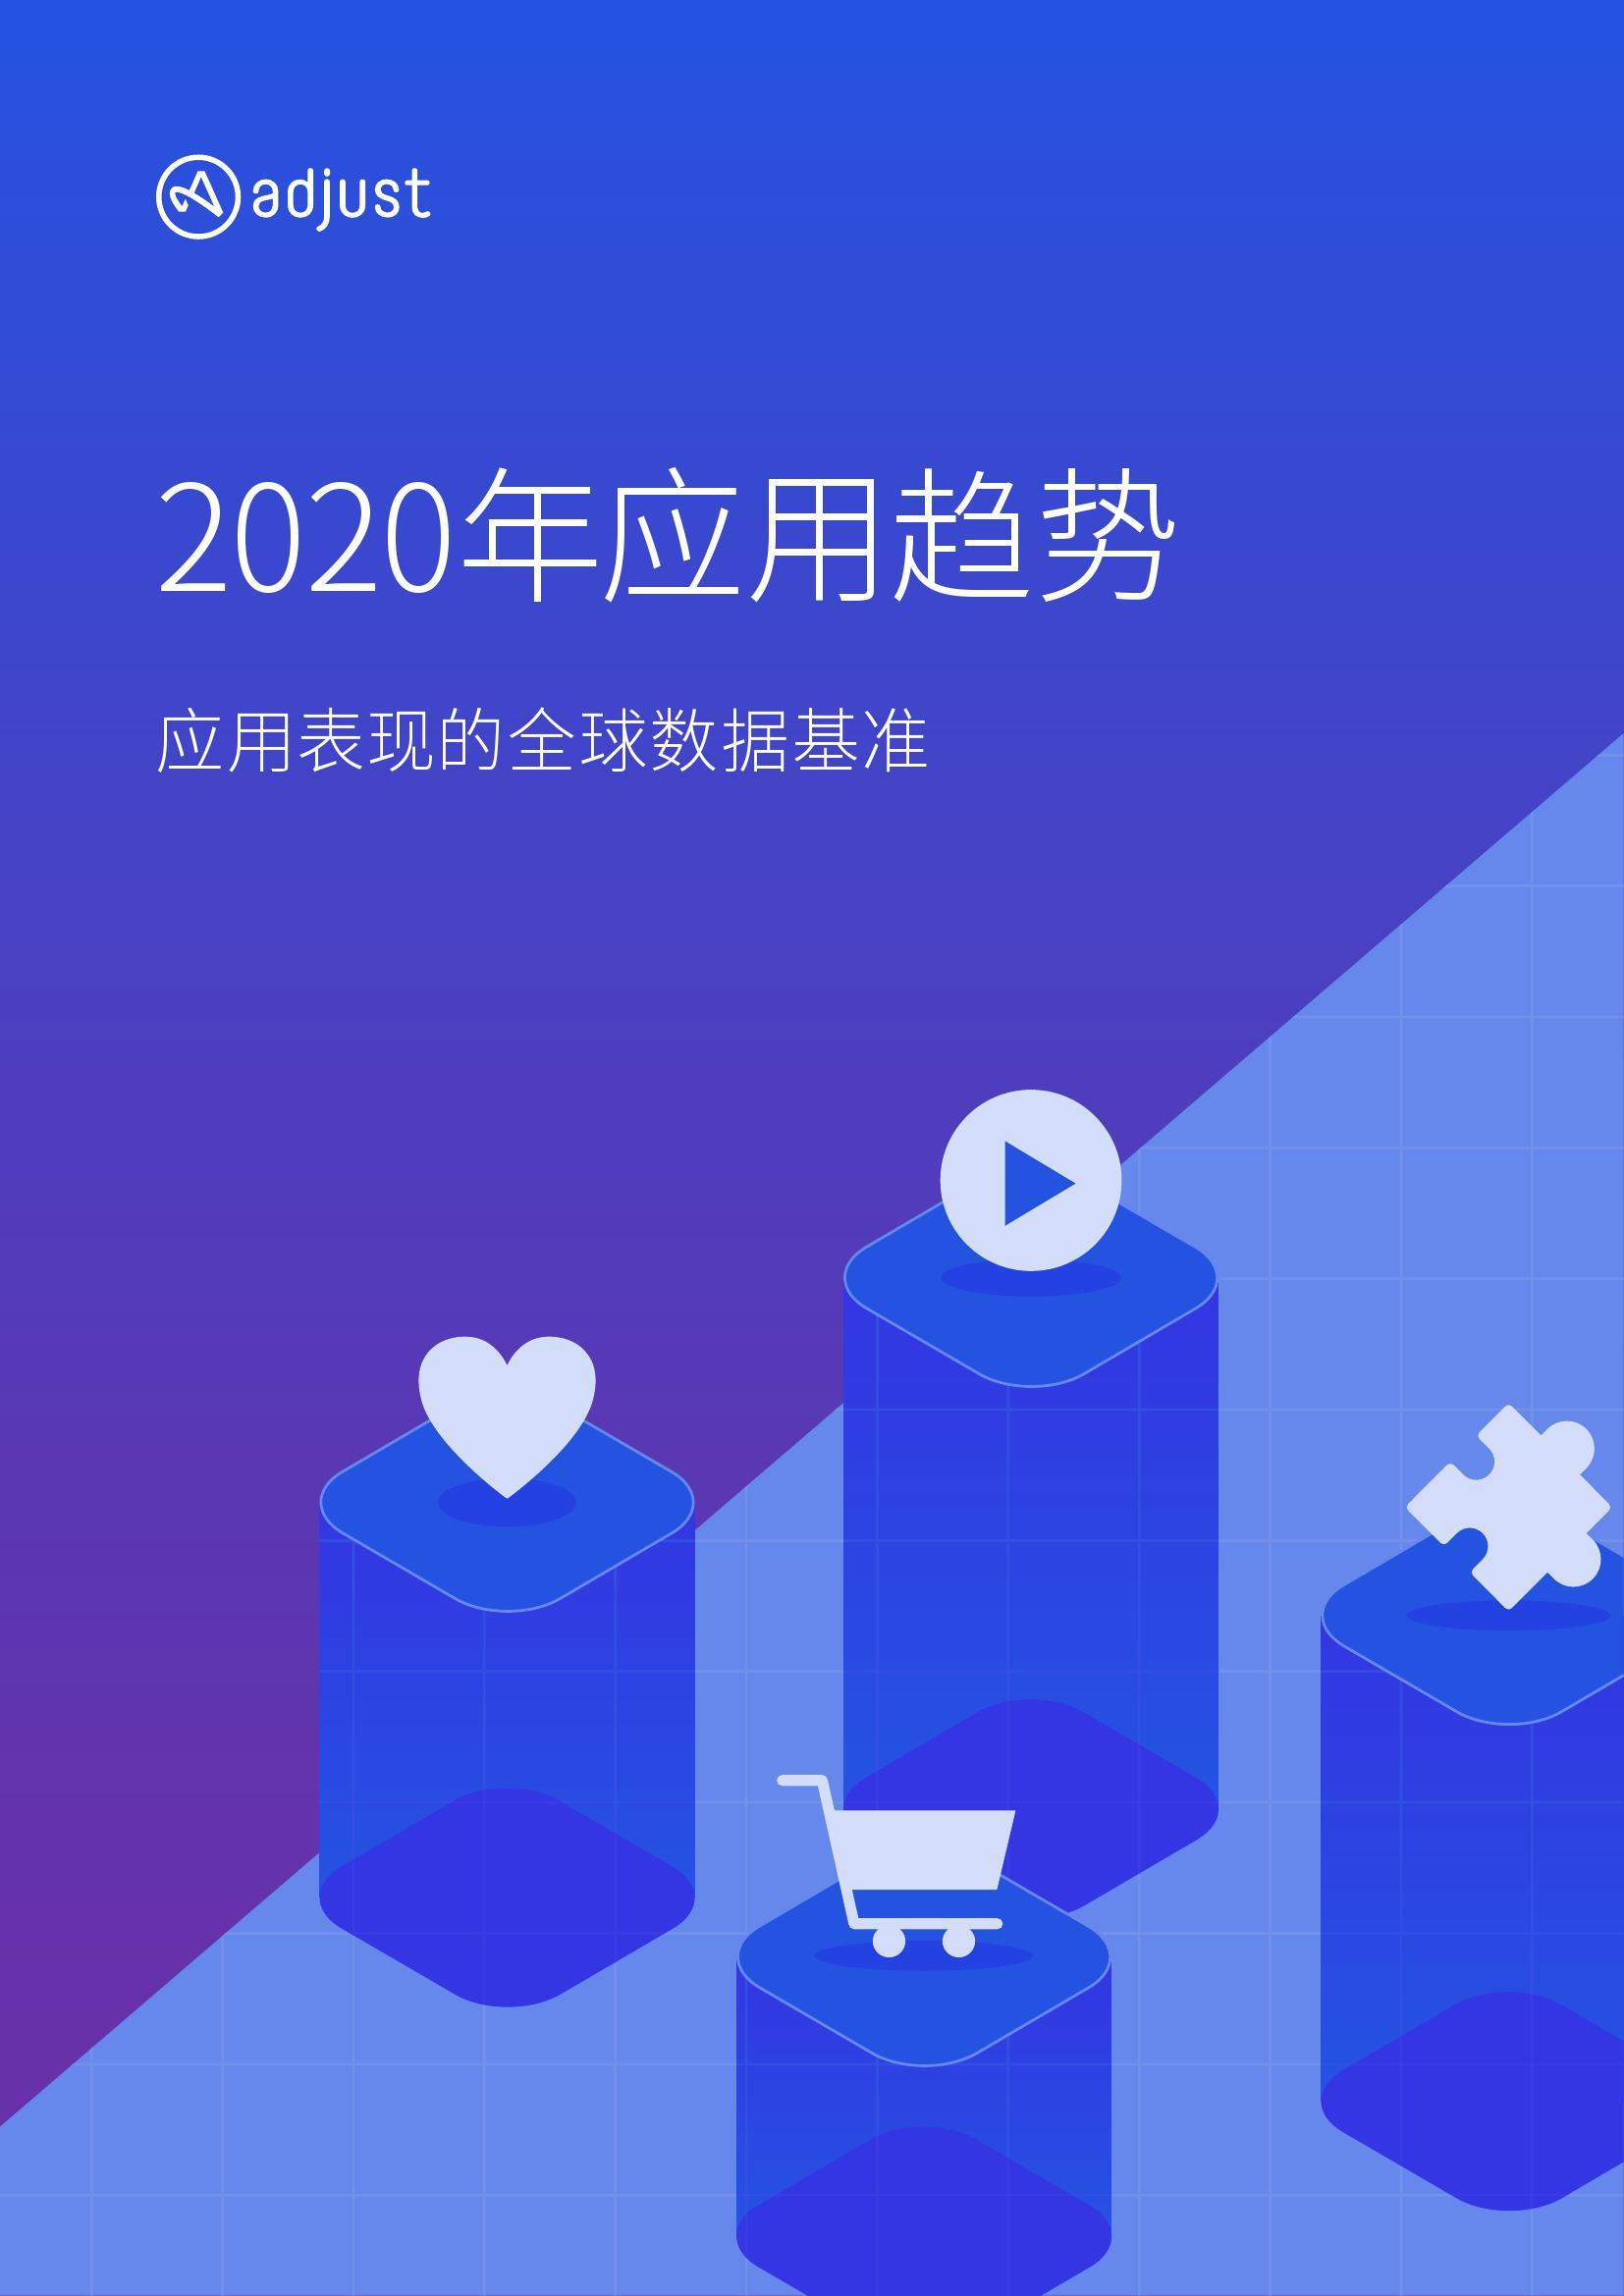 Adjust:2020年应用趋势报告